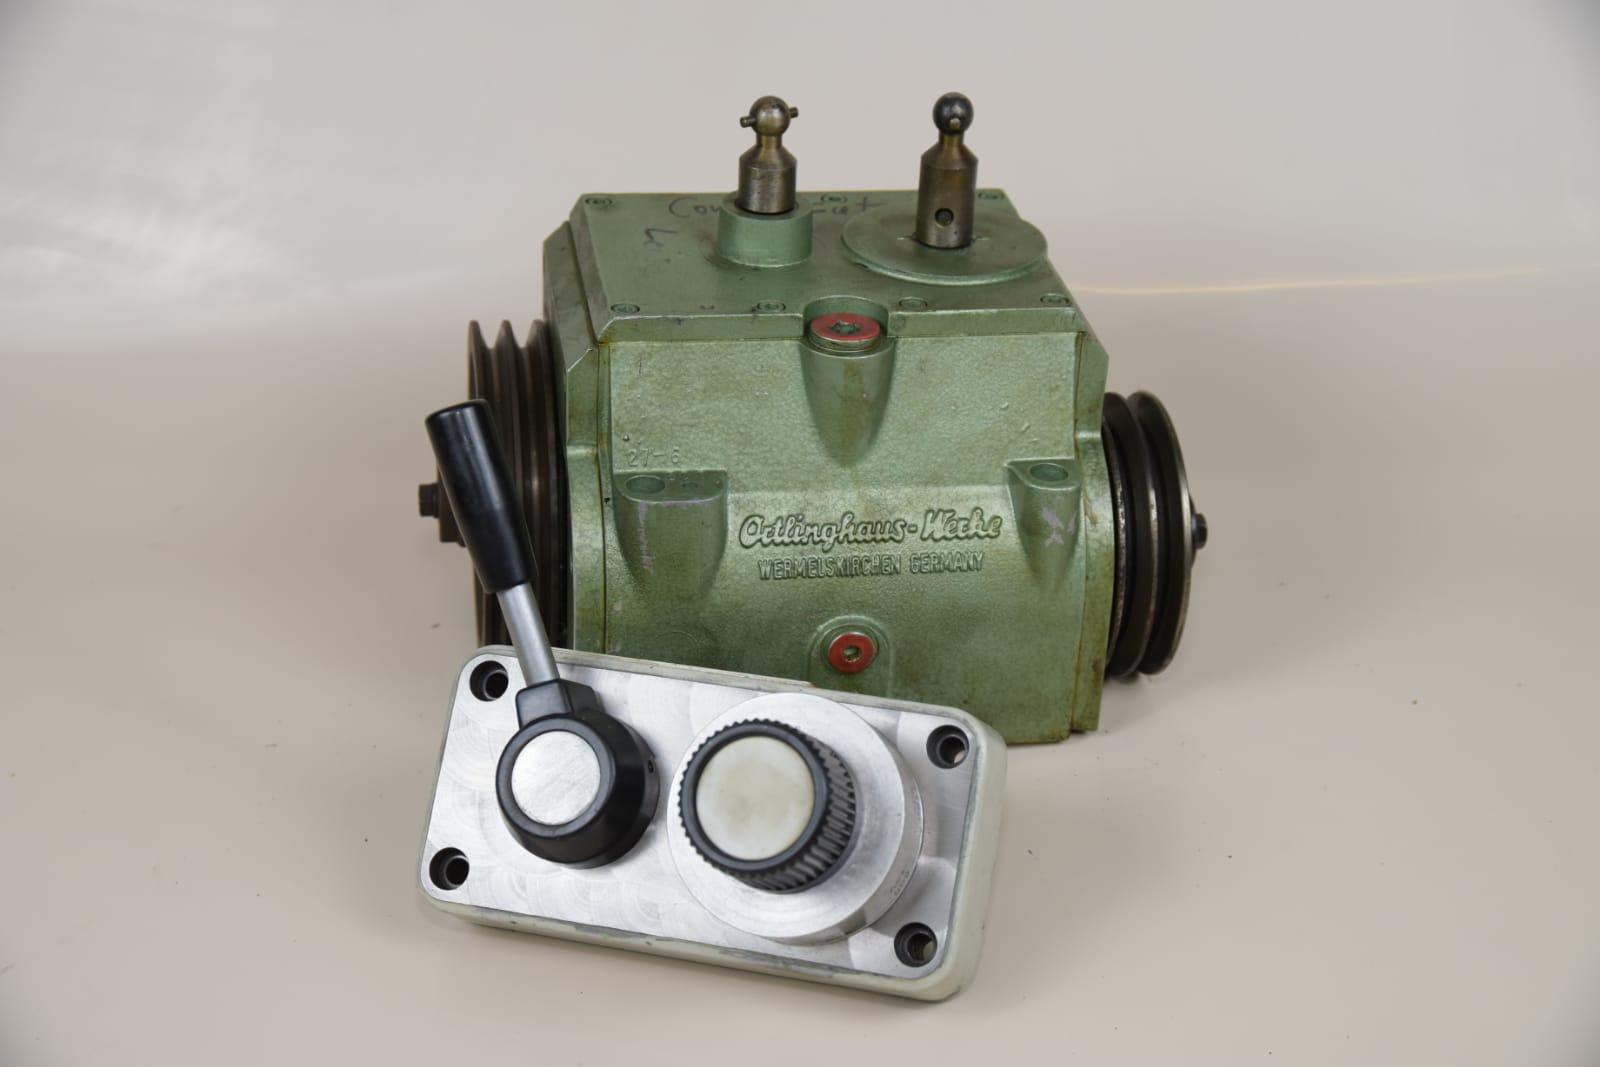 Zubehör: Oertlinghausgetriebe für Weiler Drehmaschinen